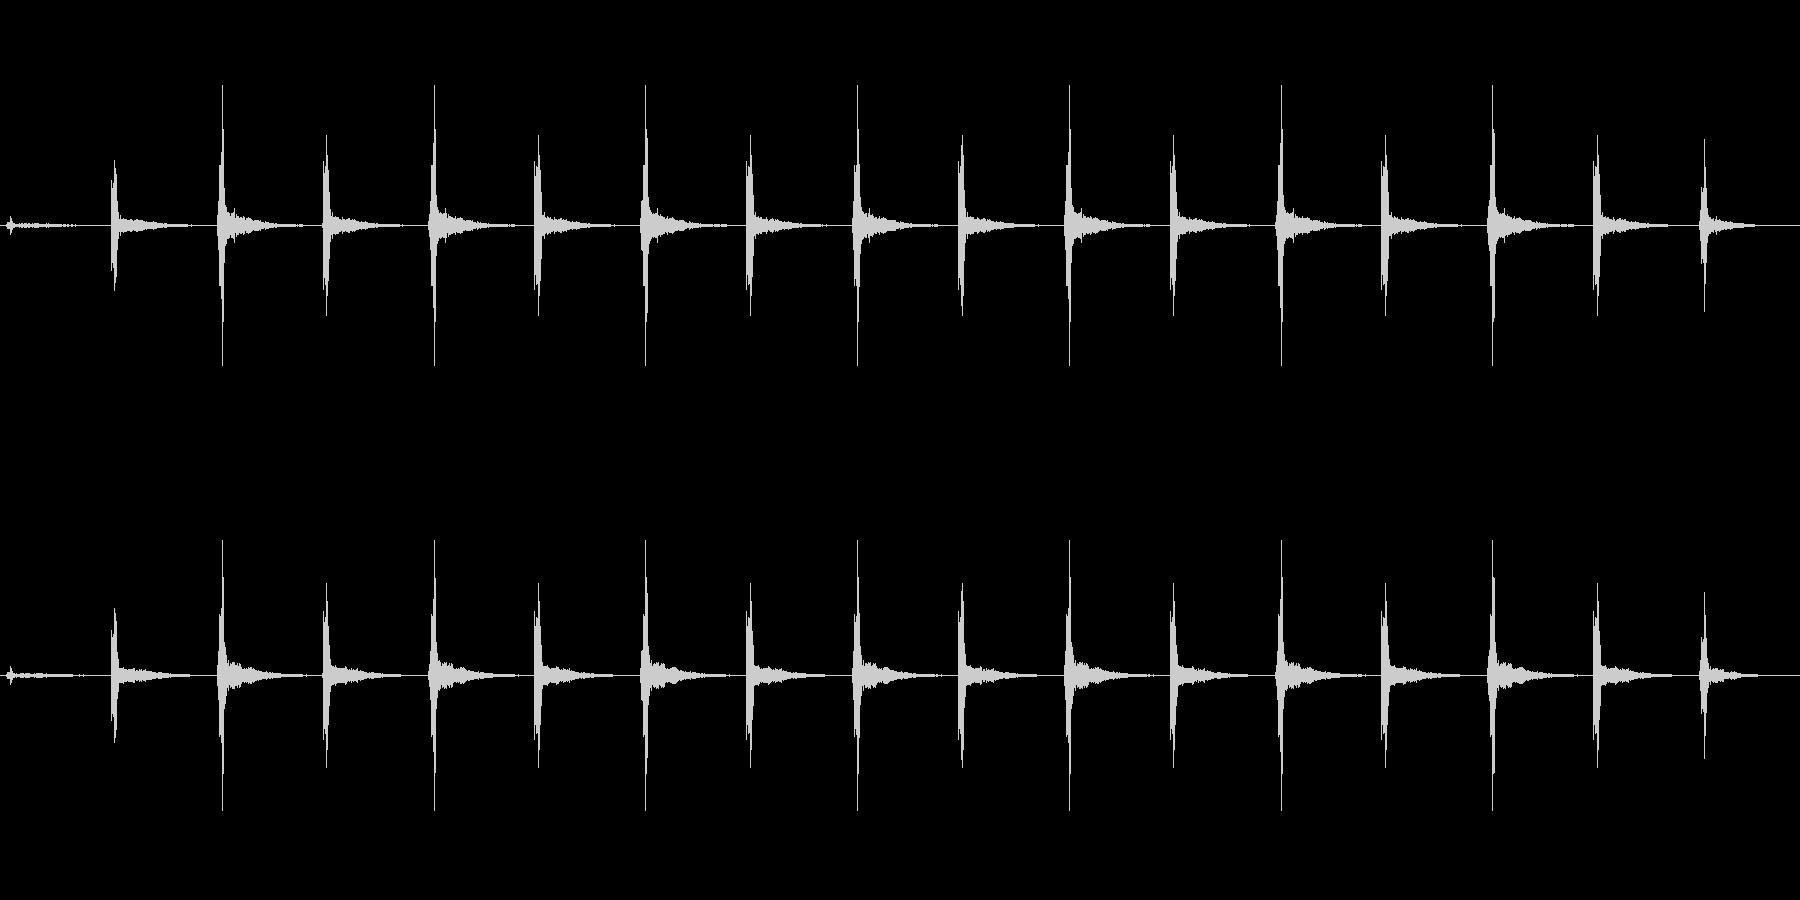 時計 ticktock_46-4_revの未再生の波形